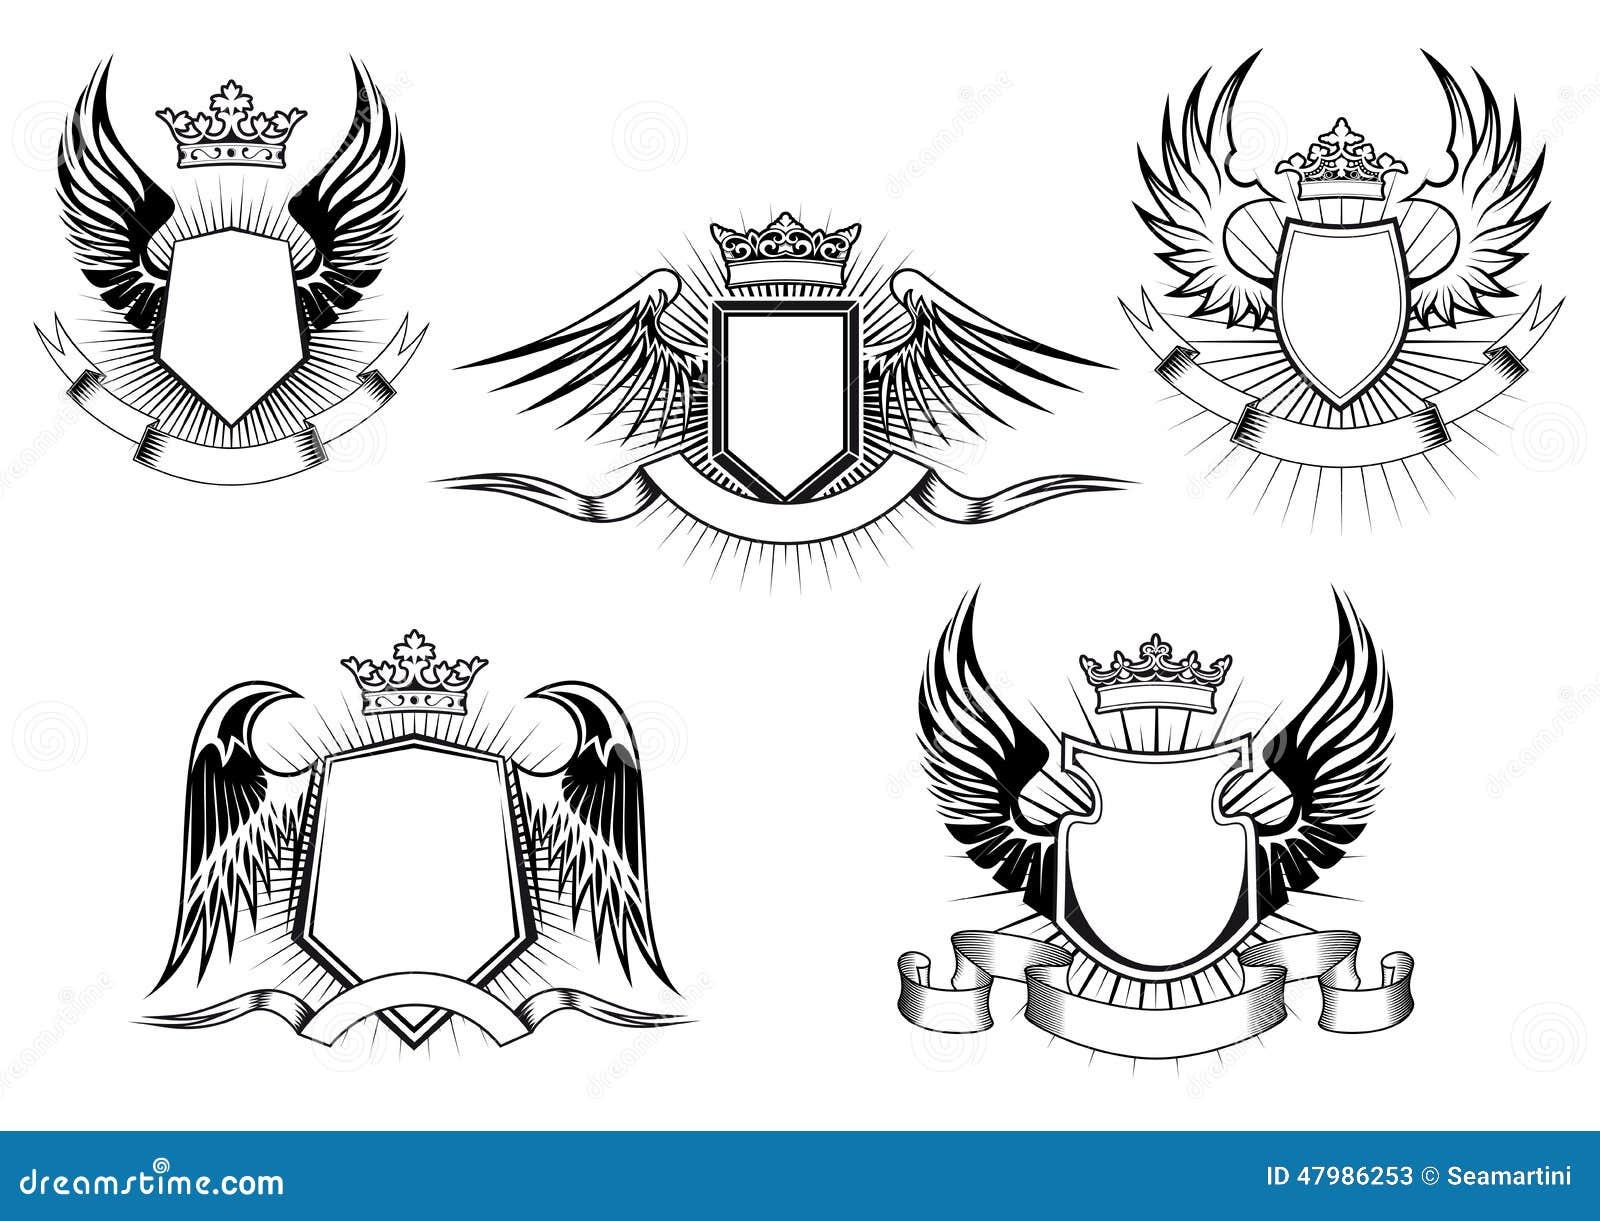 Wappen Ritterschildschablonen Vektor Abbildung - Illustration von ...